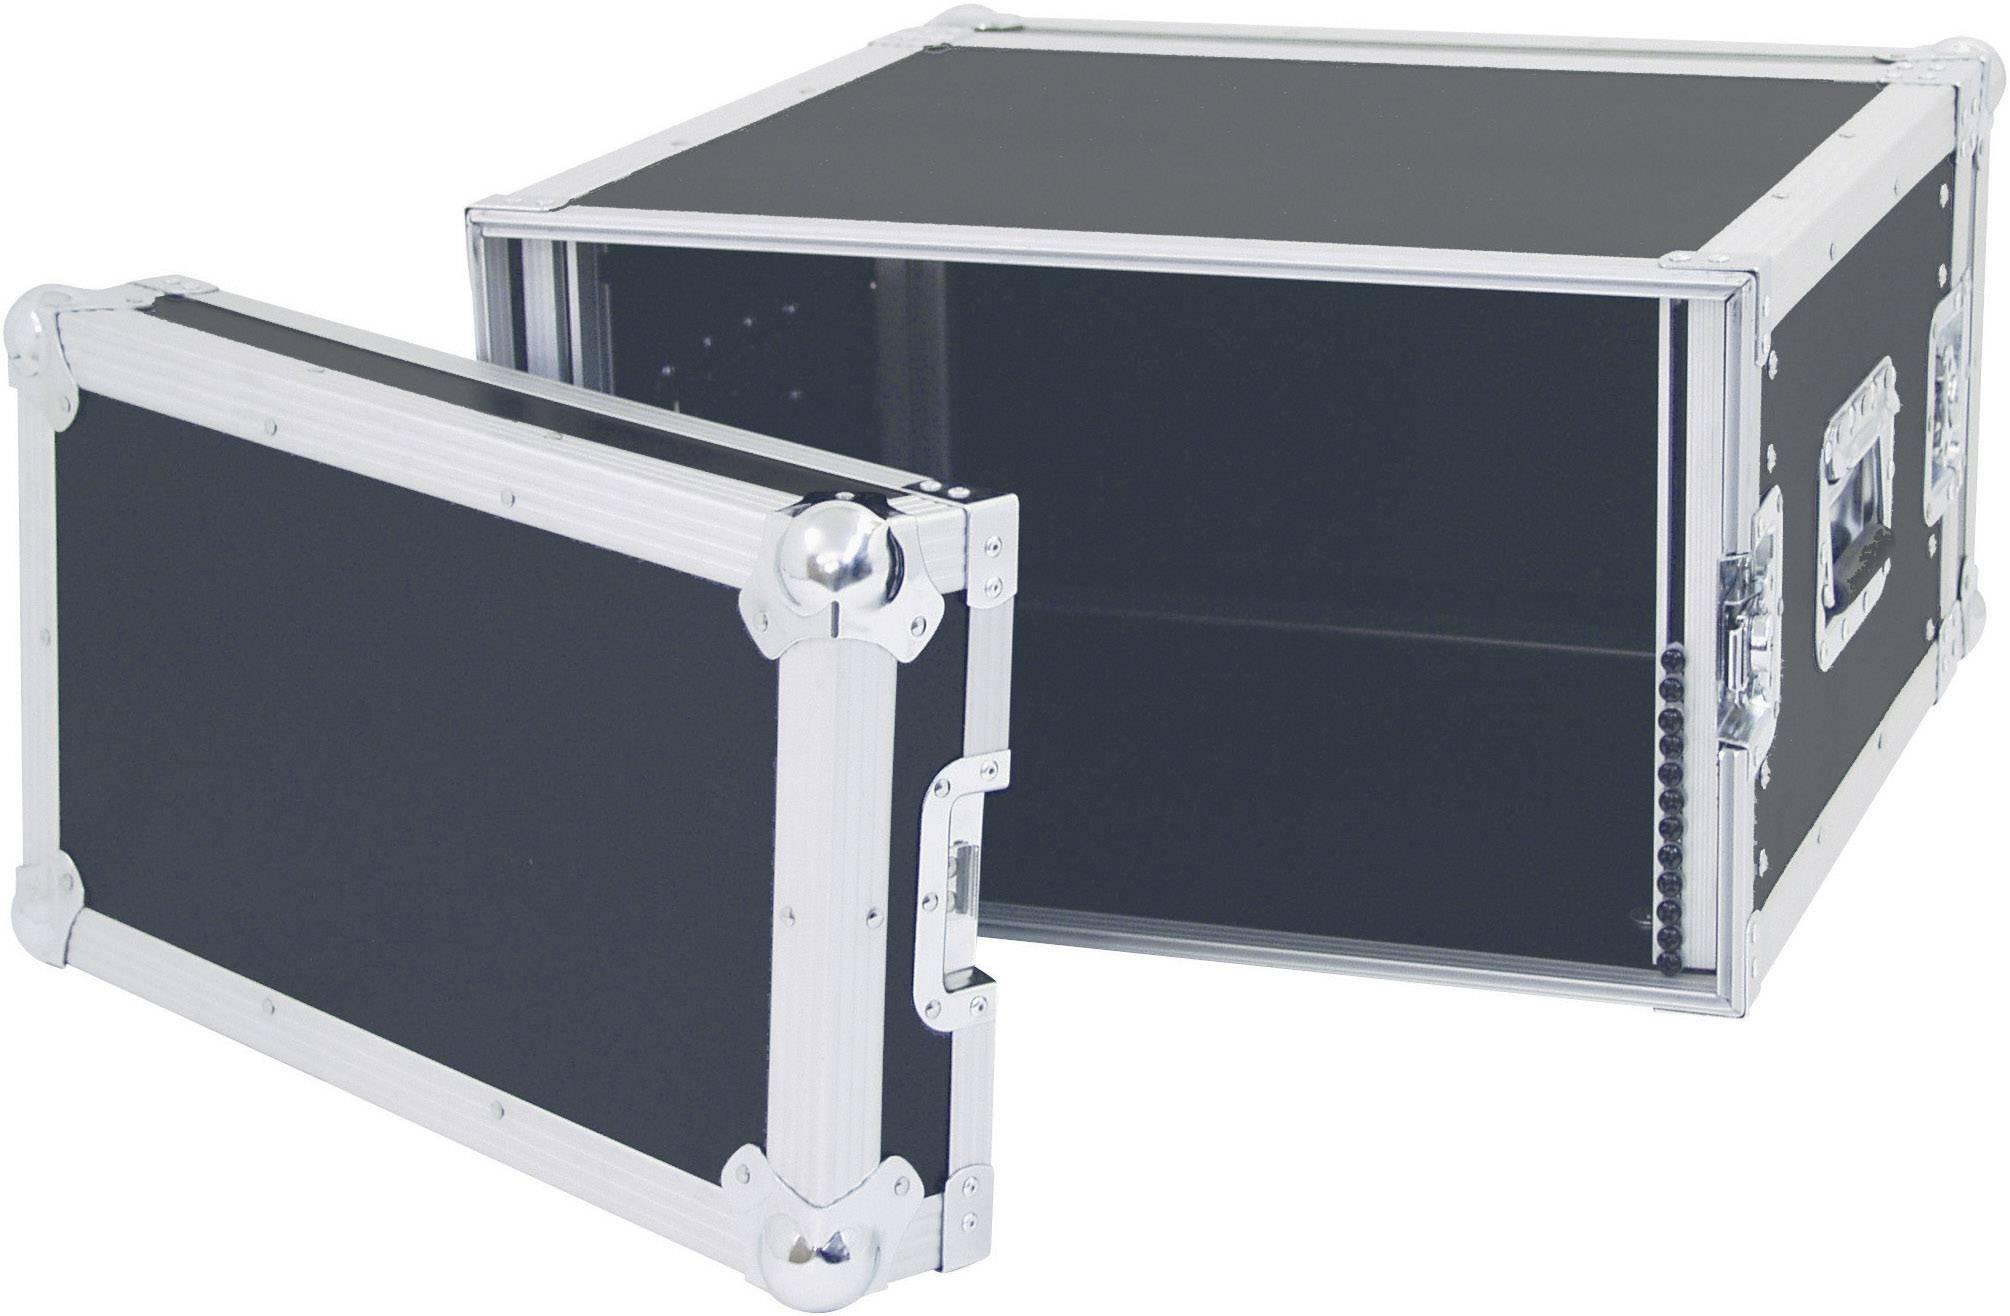 19palcový rack pro zesilovače 30109786 360007, 6 U, dřevo